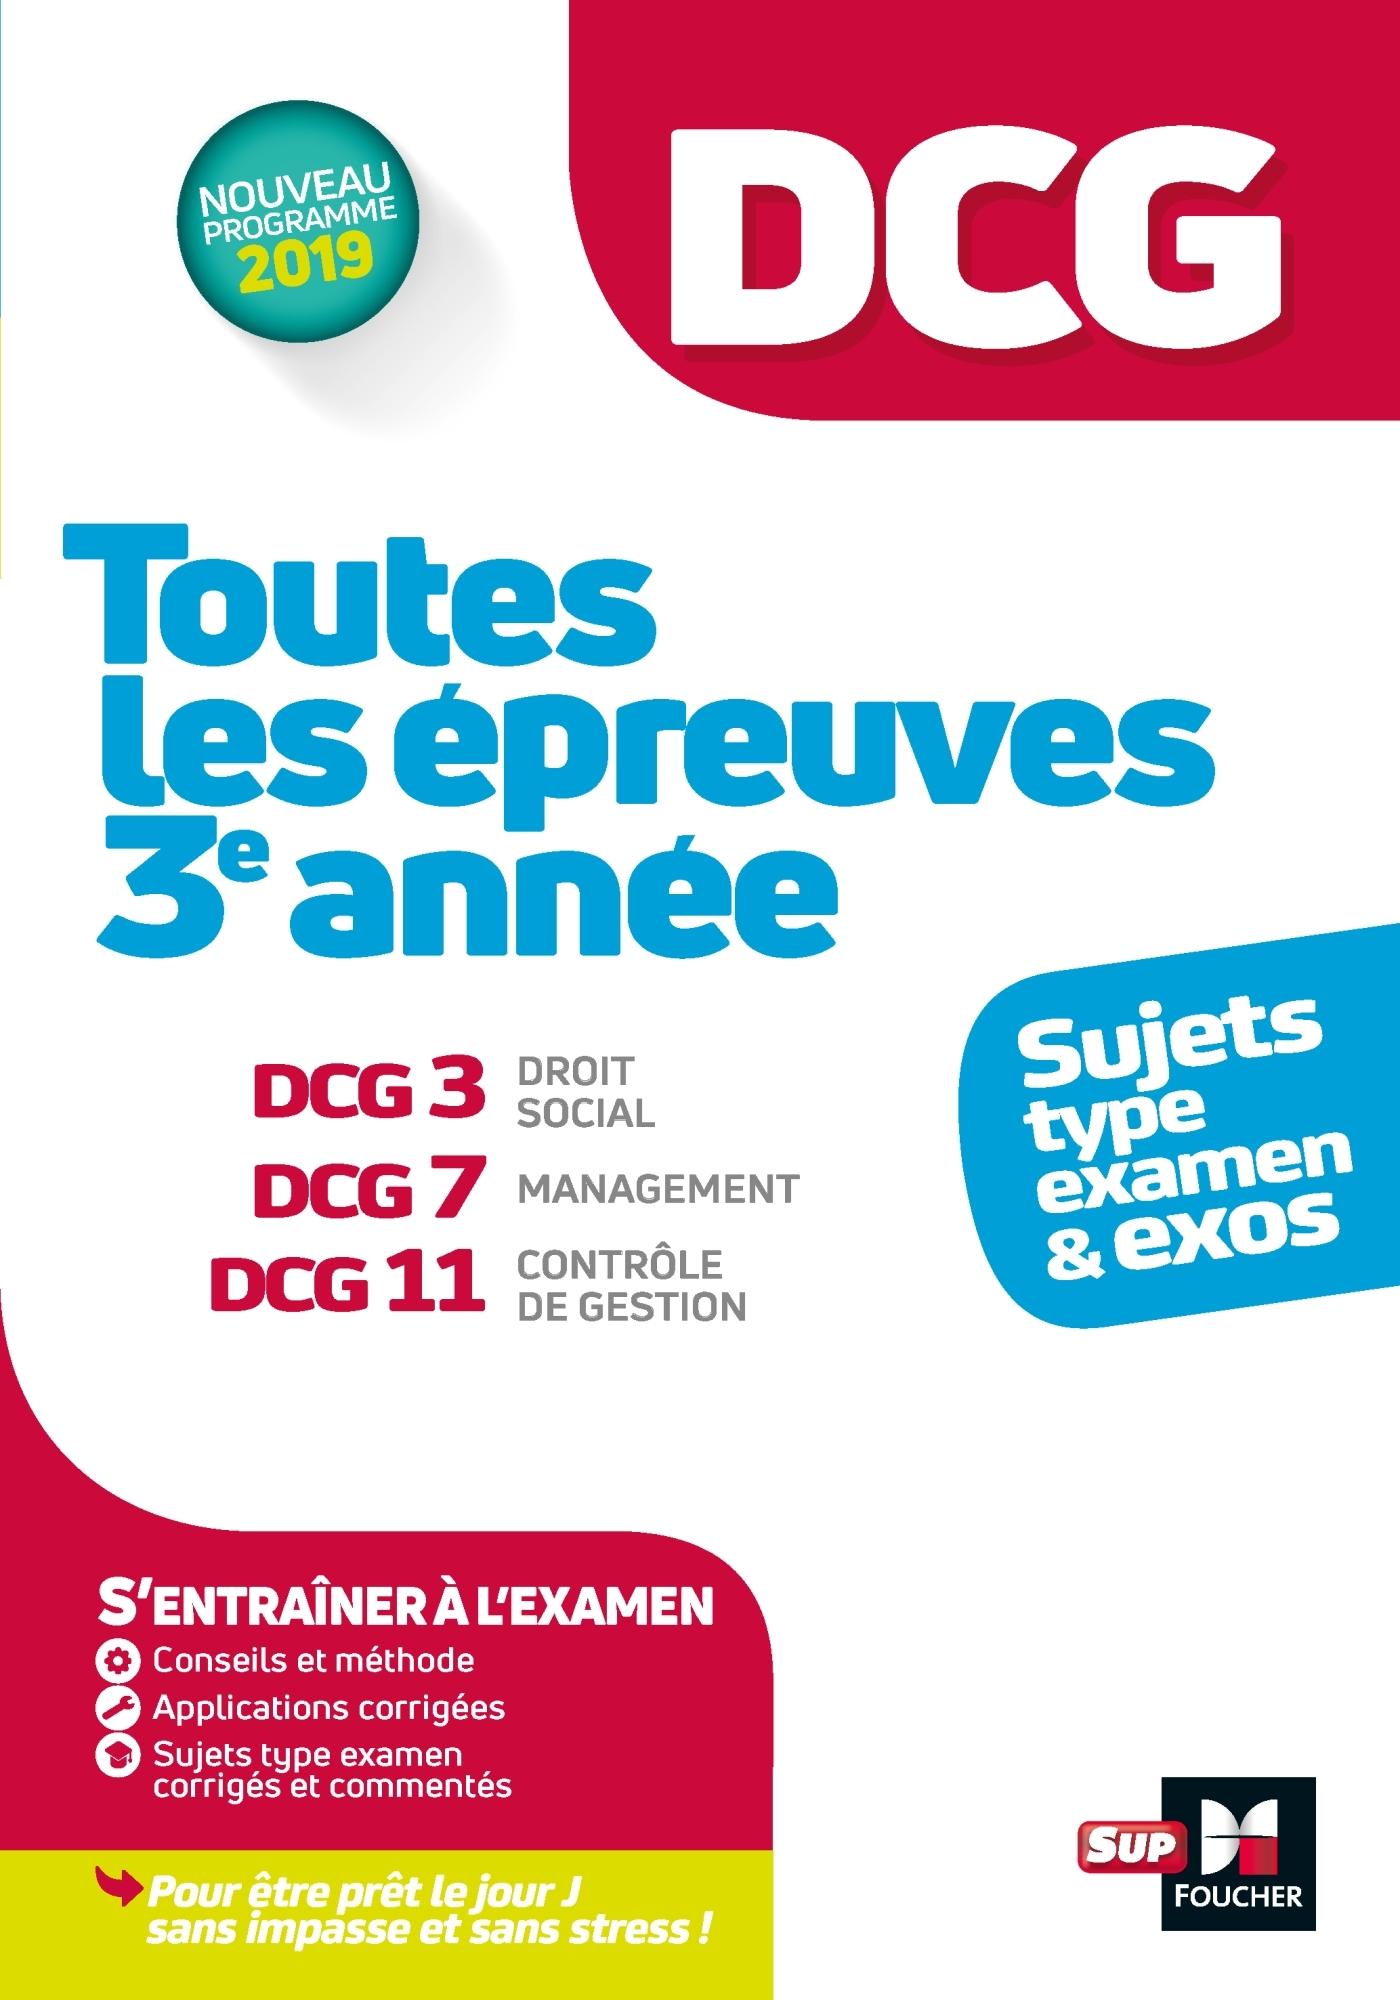 DCG : TOUTES LES EPREUVES DE  3E ANNEE DU DCG 3, 7, 11 - SUJETS ET EXOS